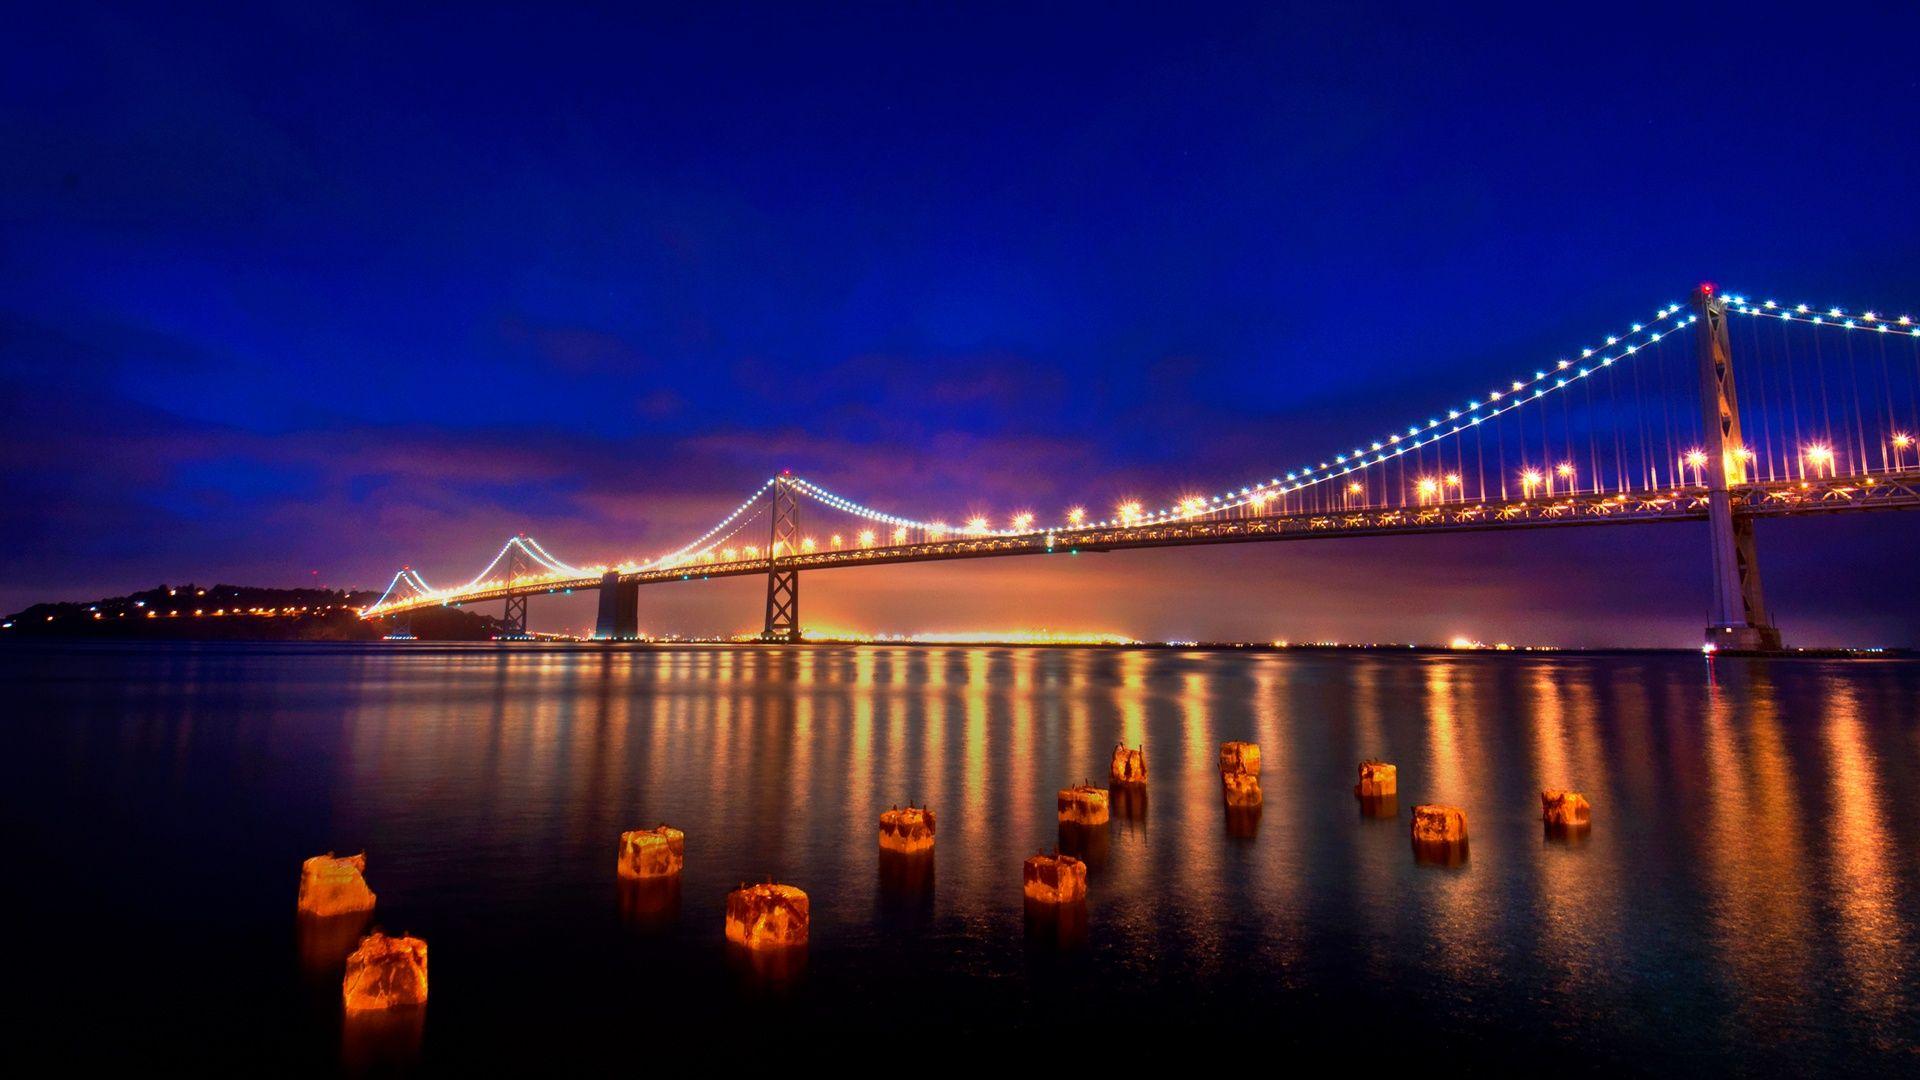 San Francisco San Francisco At Night Bay Bridge San Francisco San Francisco Wallpaper